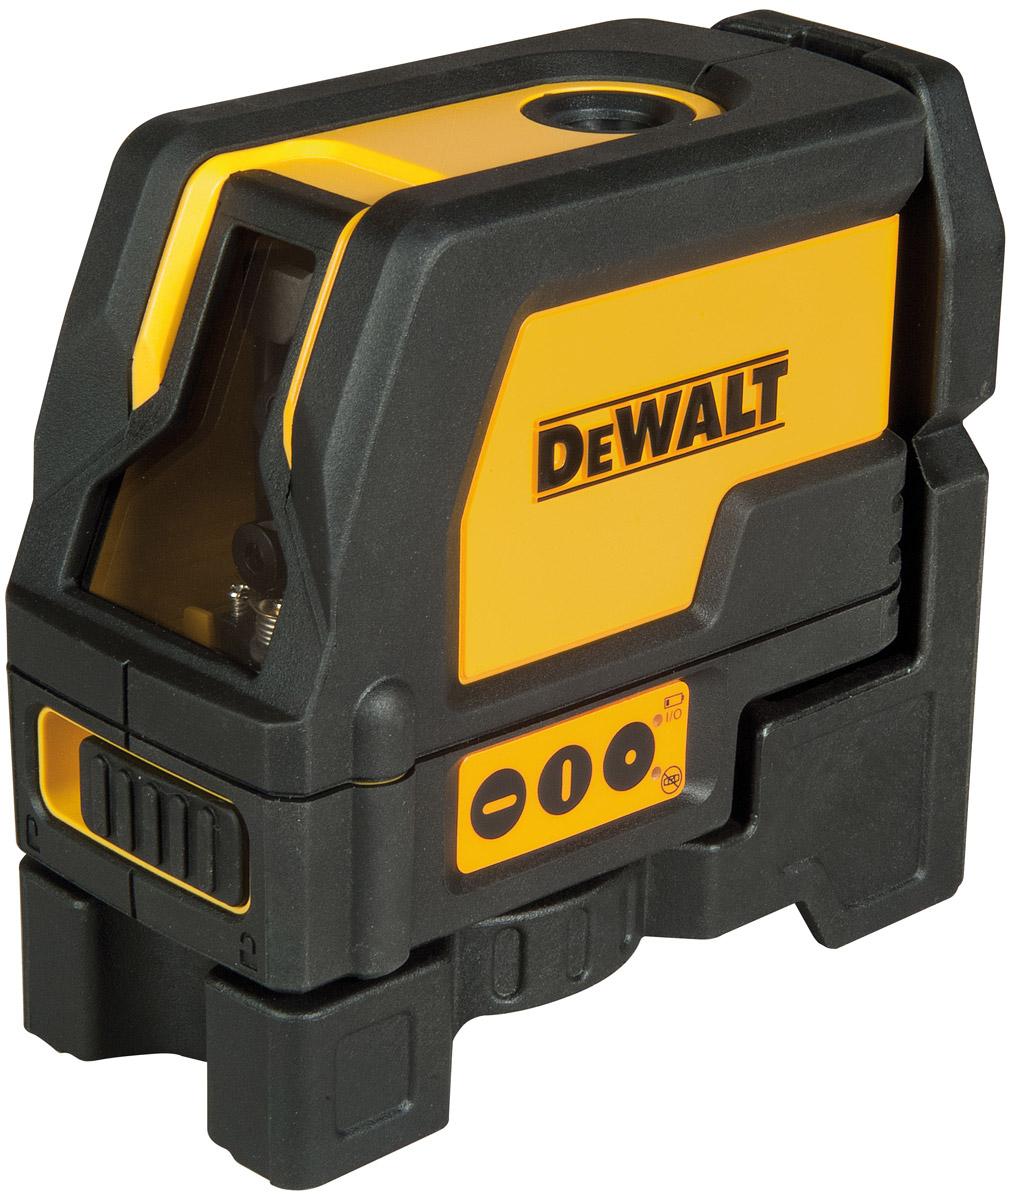 DW0822 DeWALT Samonivelační křížový laser se svislým paprskem jako olovnice